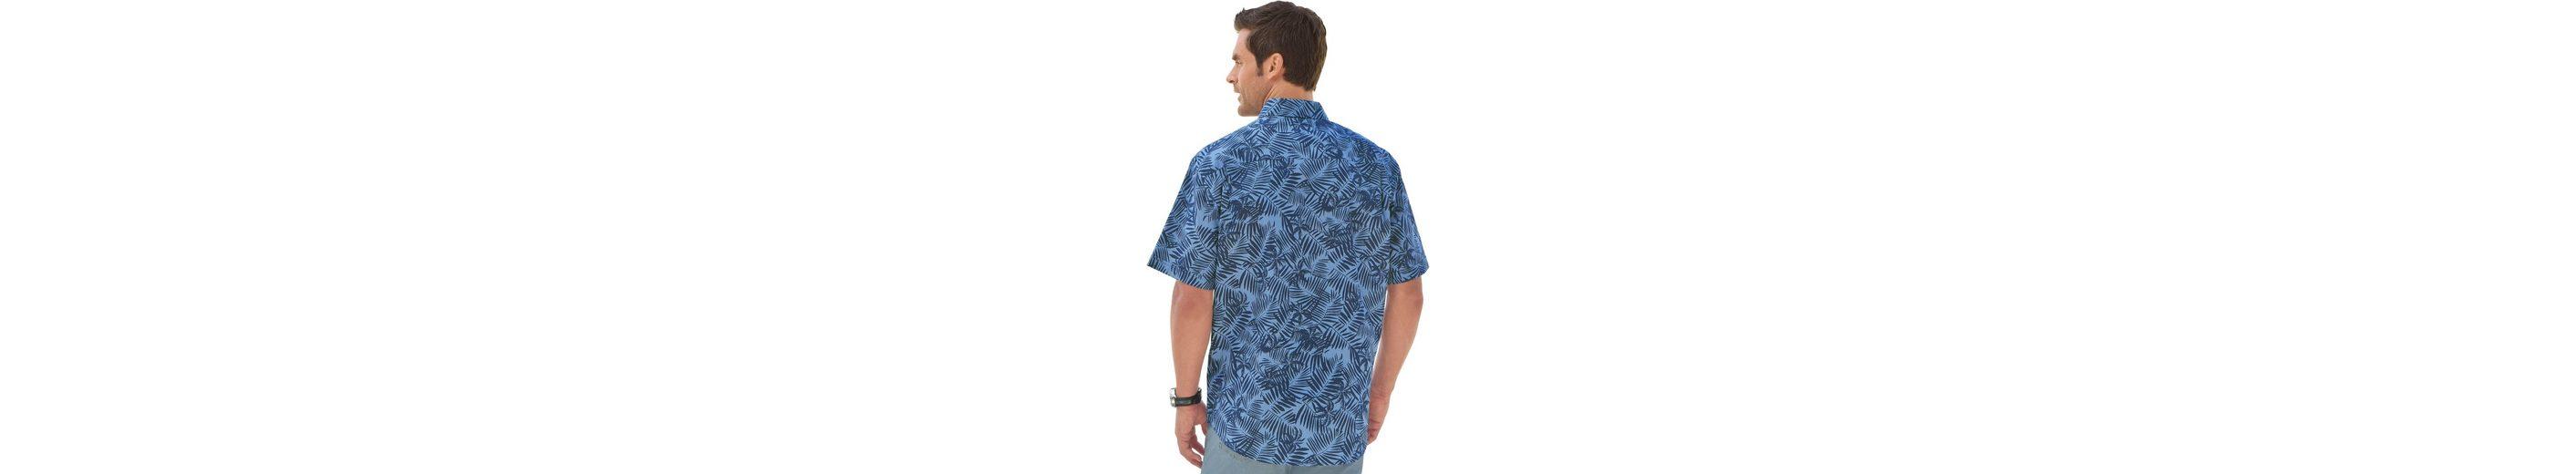 Marco Donati Kurzarm-Hemd mit Palmen-Muster Viele Arten Von Rabatte Werksverkauf Nnkhz86